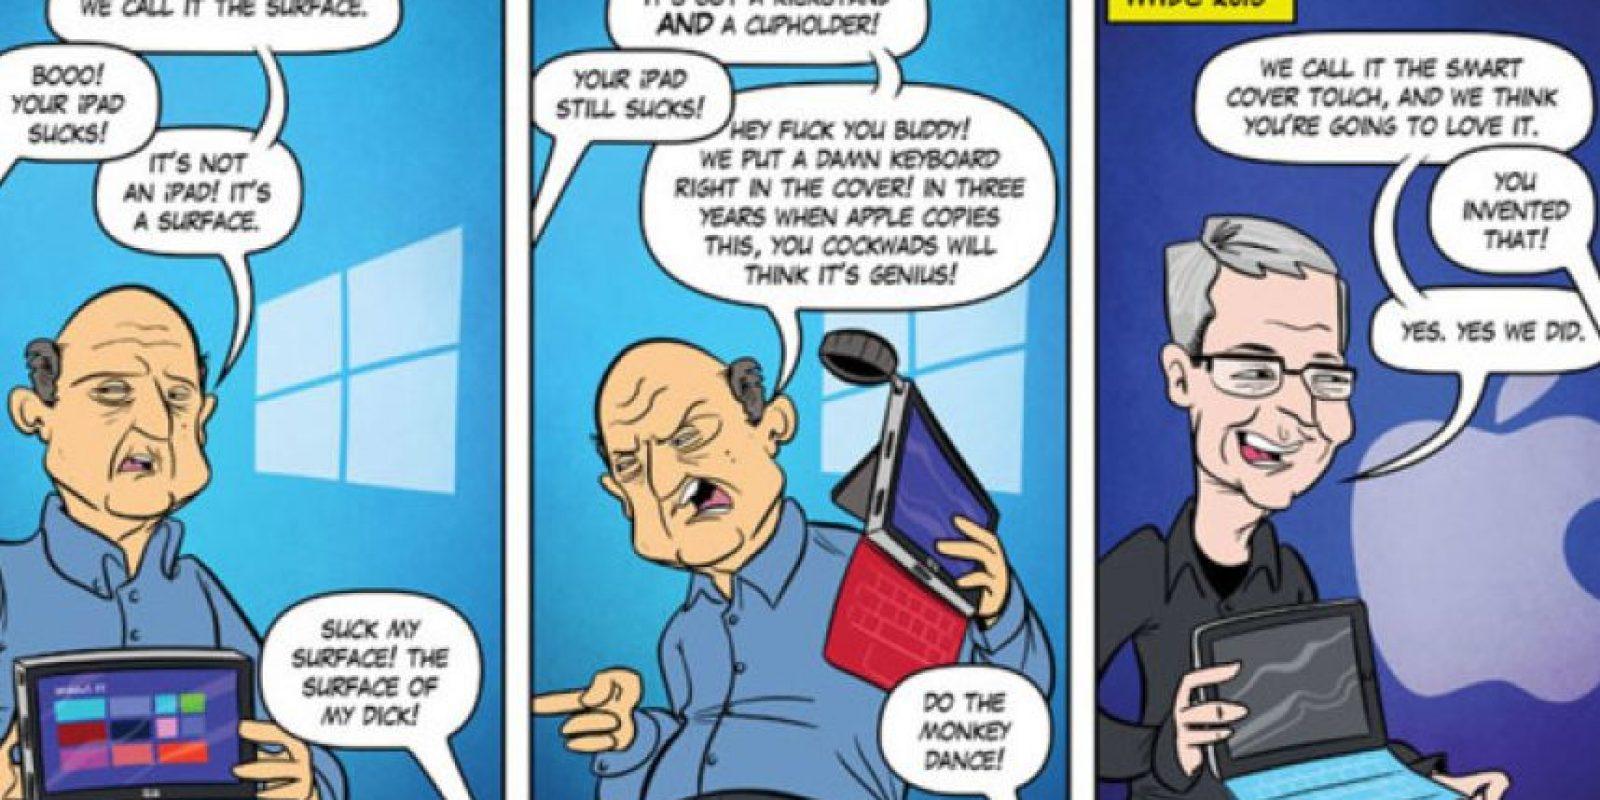 El cómic que se burla de Apple y Microsoft por el estreno de una iPad Pro hace tres años Foto:Joel Watson/Hijinks Ensue